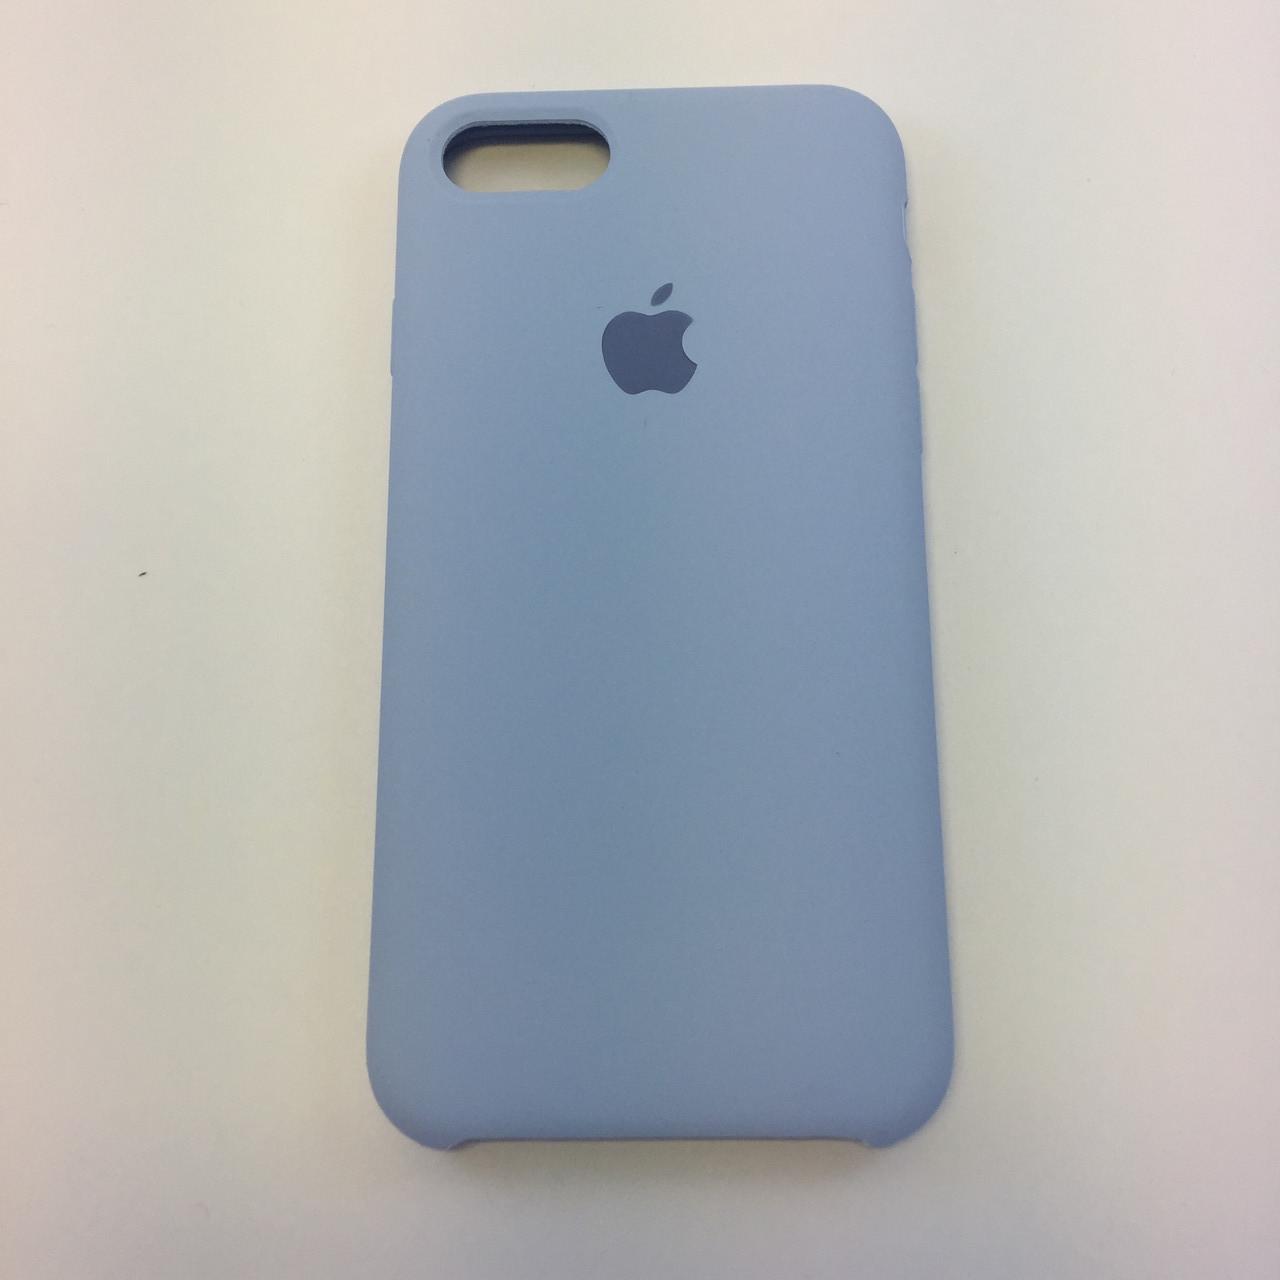 Силиконовый чехол для iPhone 7 Plus, - «кремово лиловый» - copy original